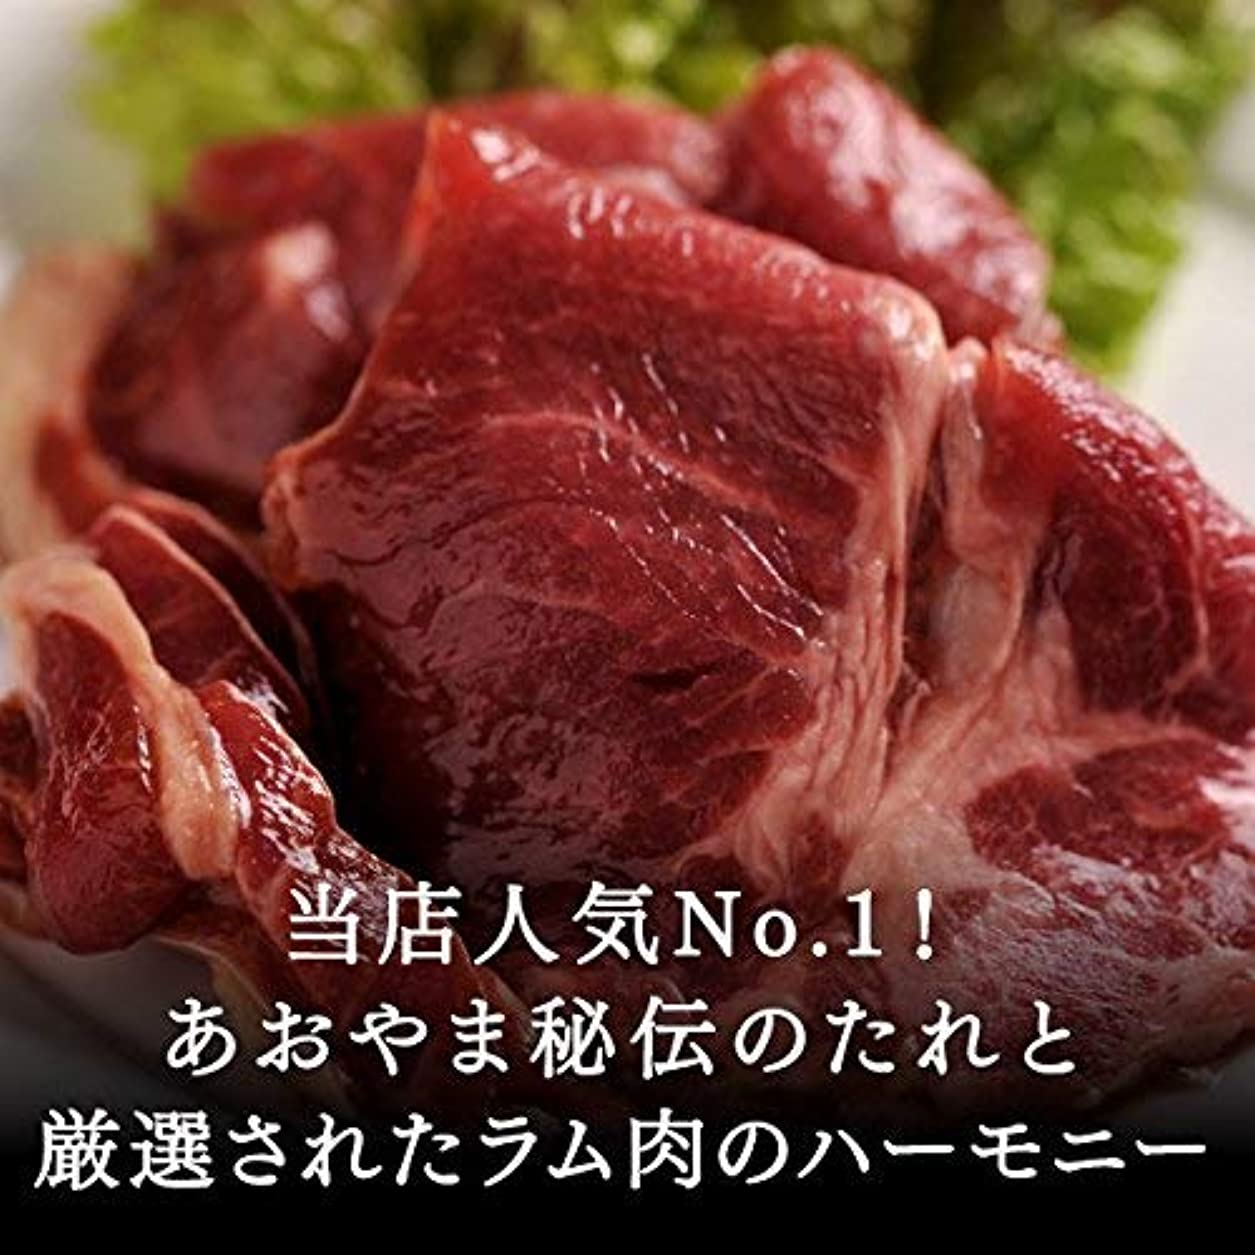 農業ラック恥ずかしさ肉のあおやま 当店人気TOP3! 特製ラム肉ジンギスカン 200g(焼肉 肉 焼き肉 バーベキュー BBQ バーベキューセット) オーストラリア産